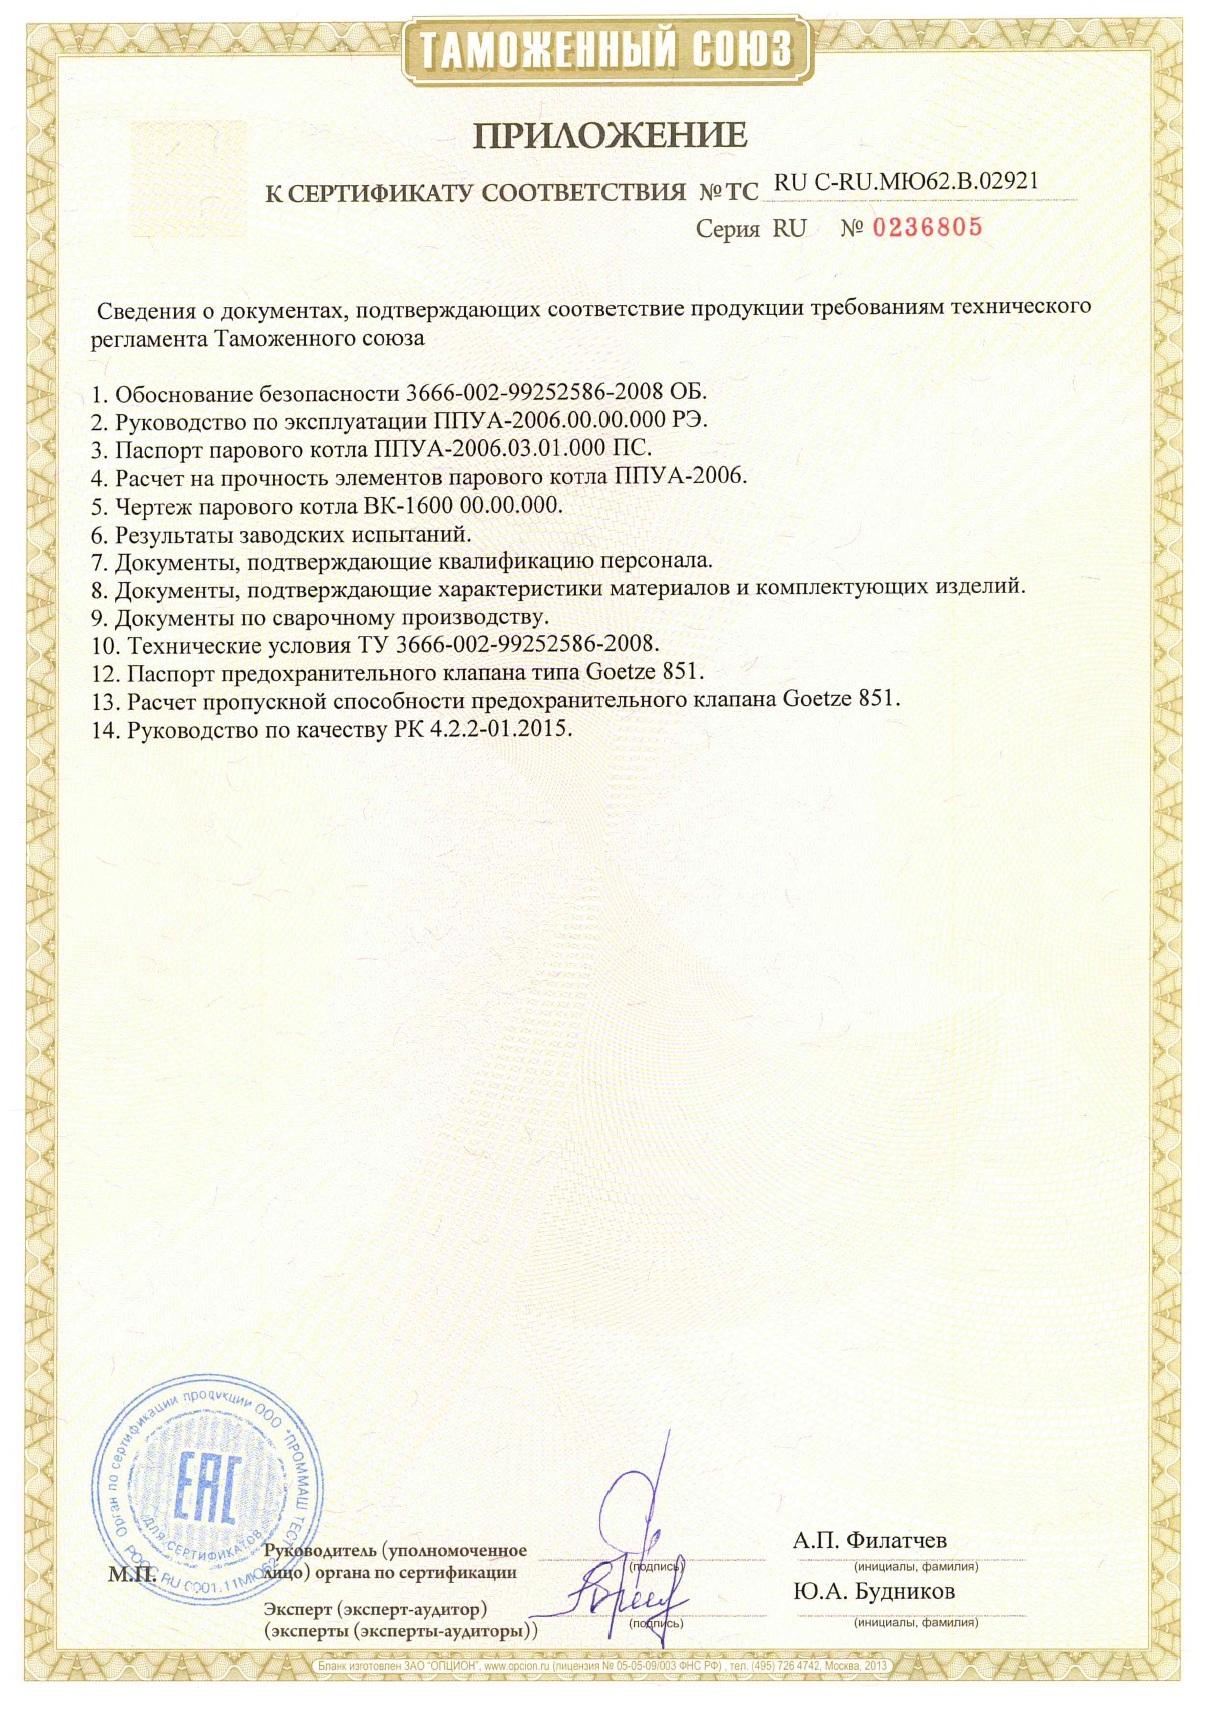 Сертификат соответсв2